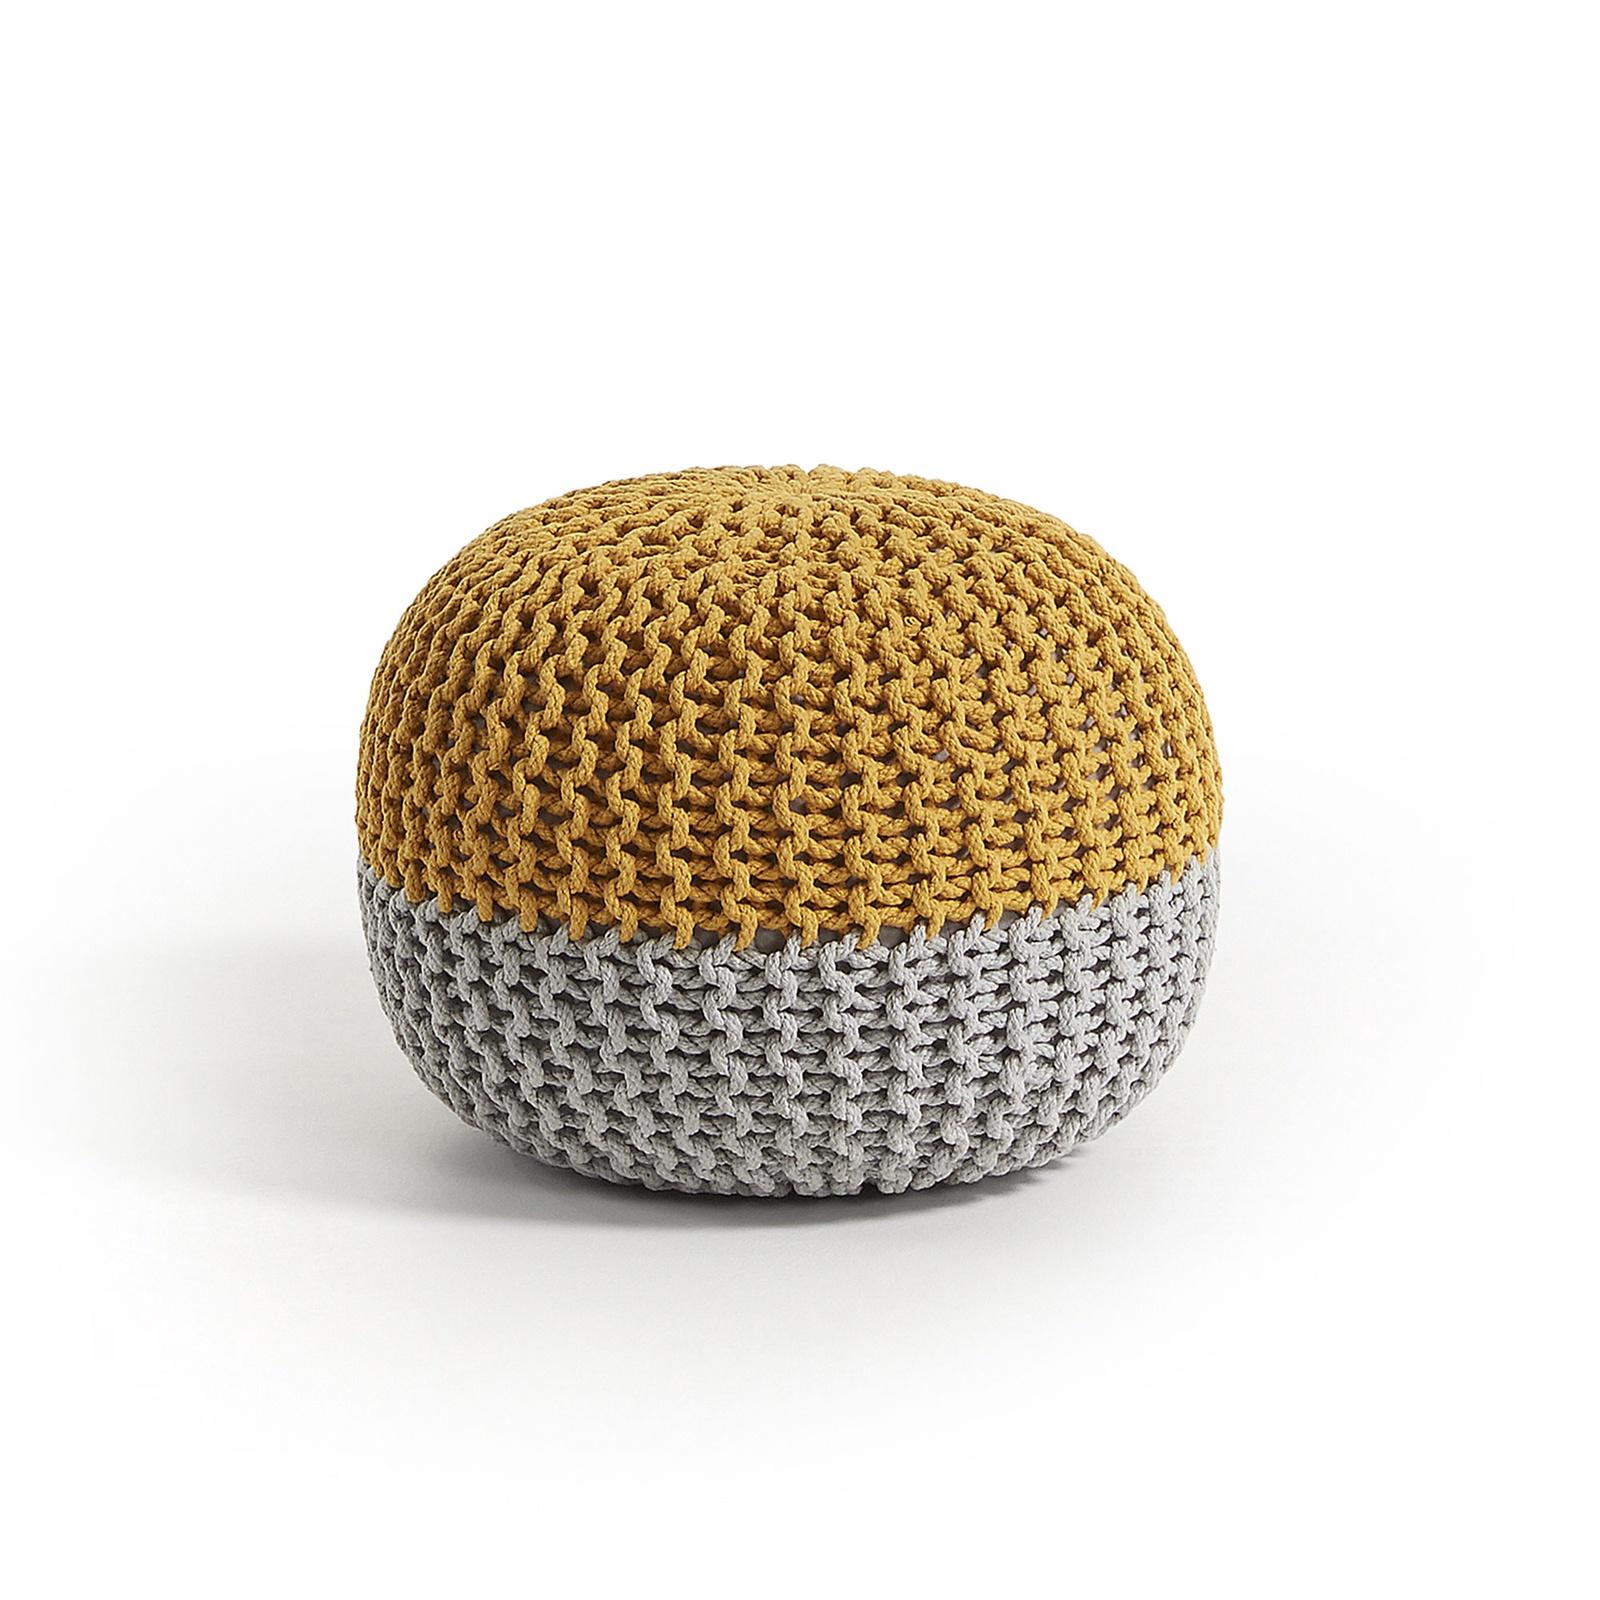 Пуф ARIEH из хлопка круглый серо-горчичный Ш.50 В.35 Г.50 Вес 2.9кг; Материал Ткань; Цвет Желтый